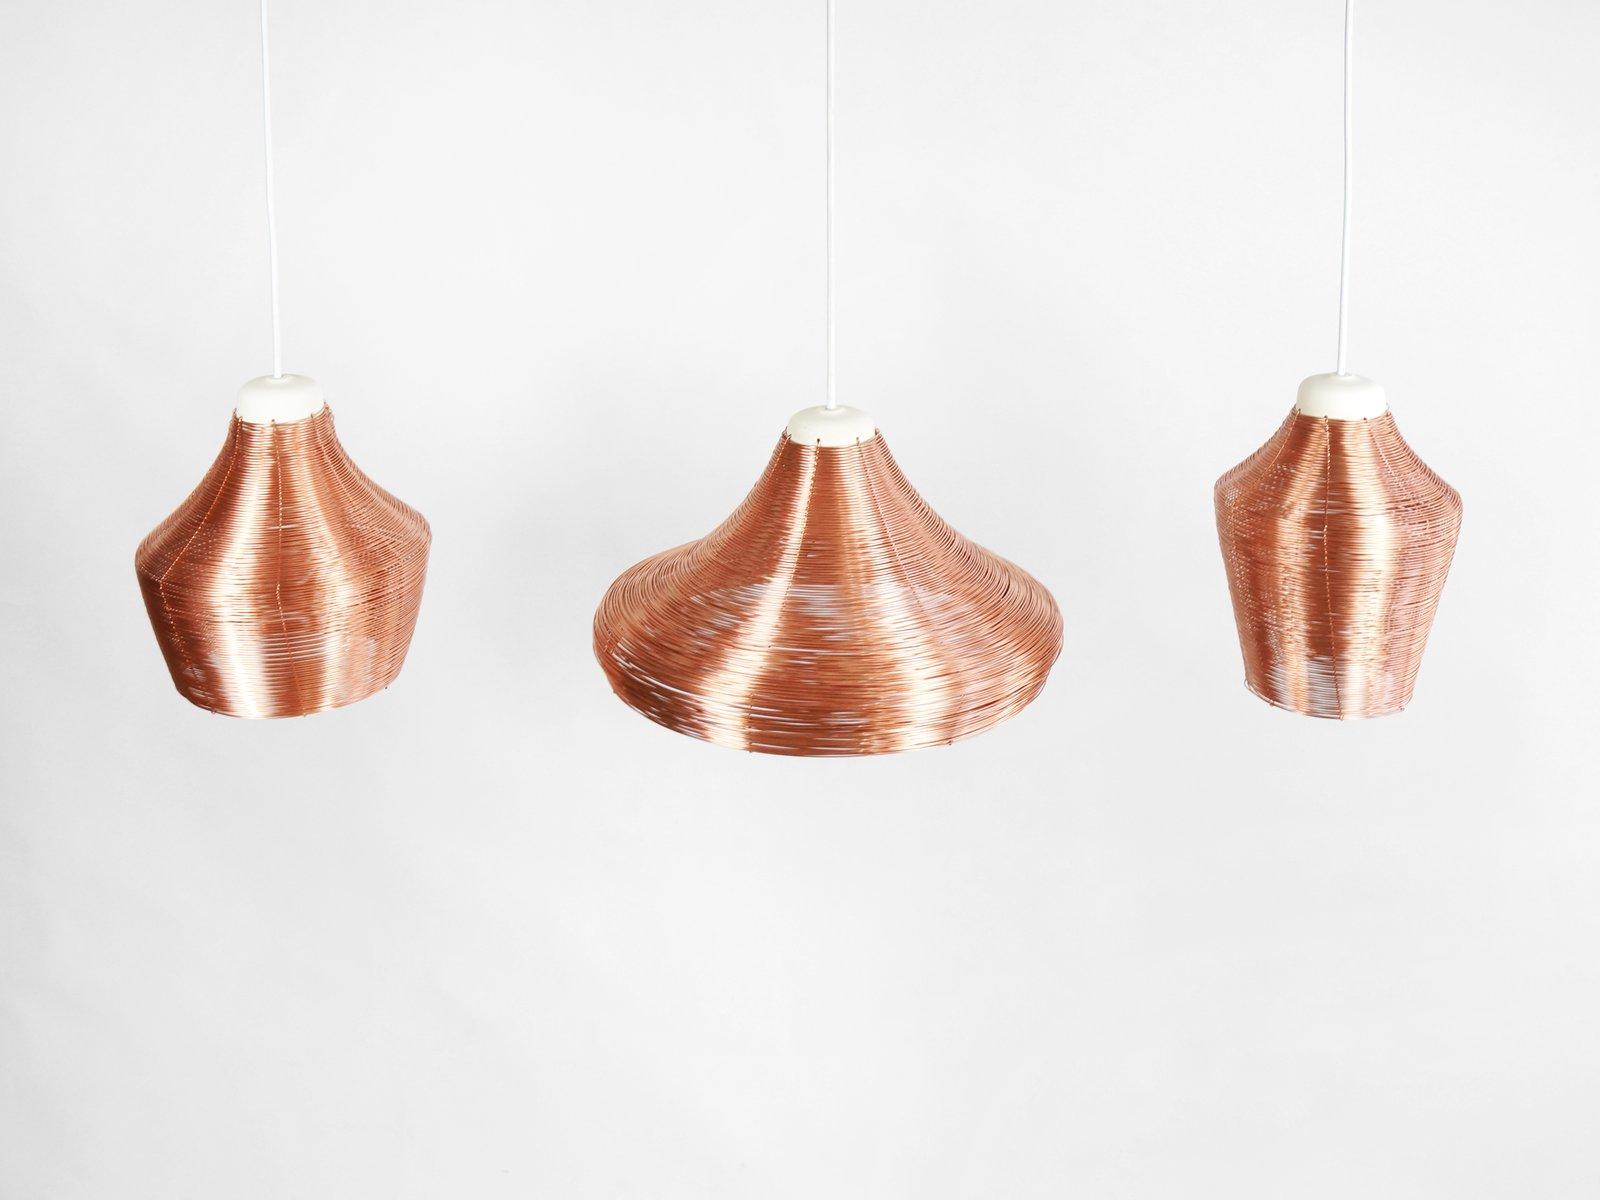 Hängelampe aus Kupferdraht von Studio Lorier bei Pamono kaufen